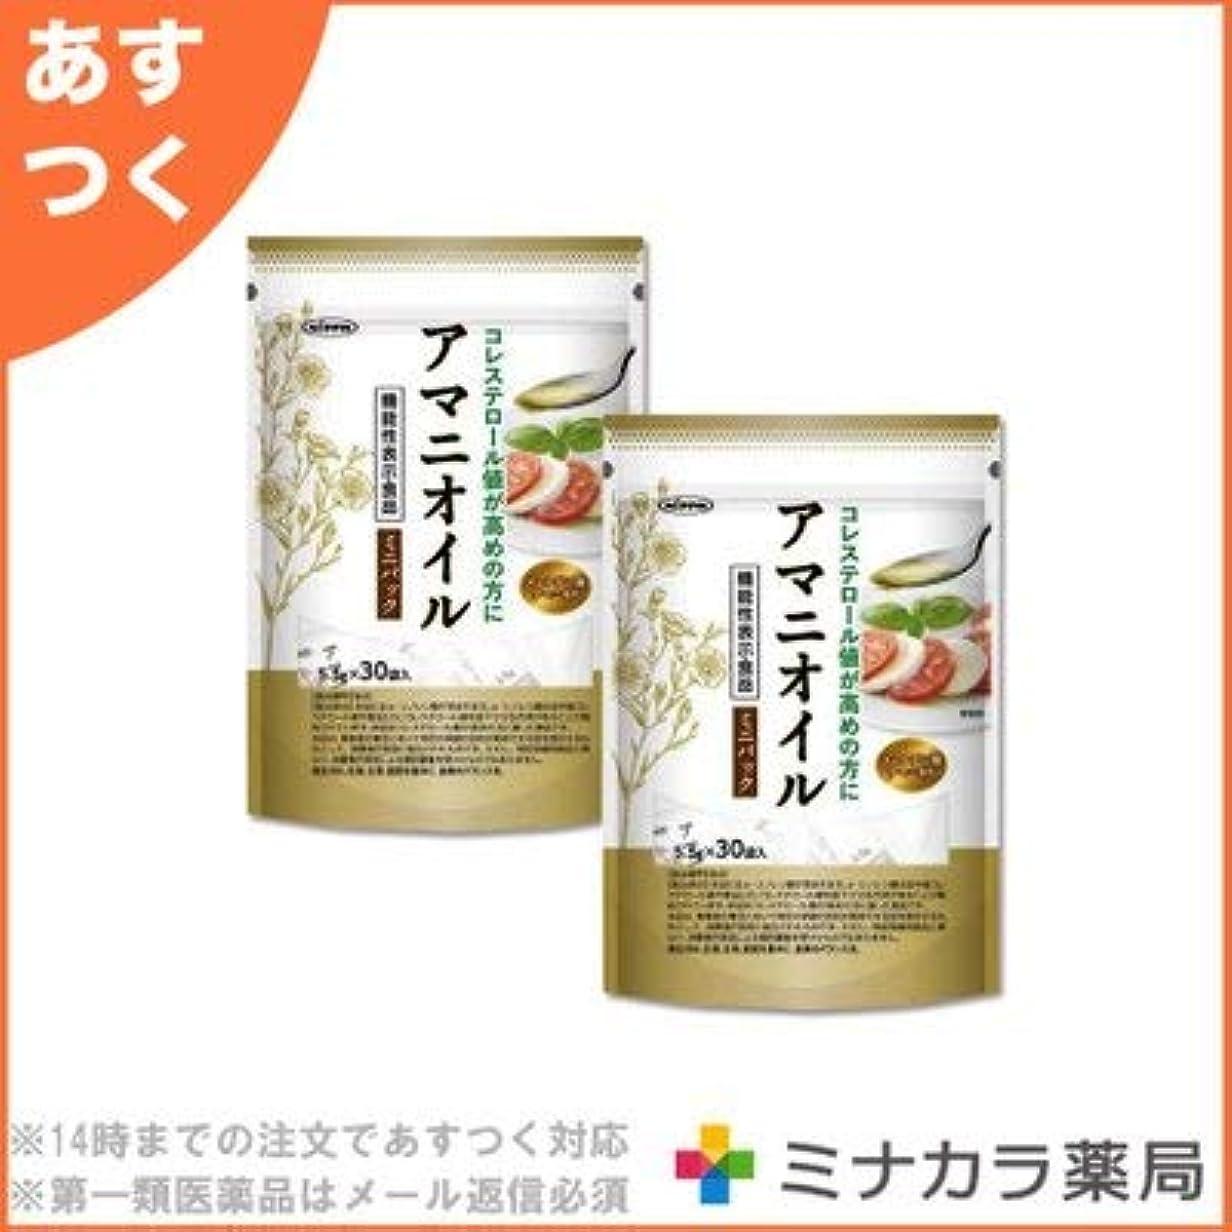 溶けたレジゲート日本製粉 アマニオイル ミニパック 5.5g×30 (機能性表示食品)×2個セット